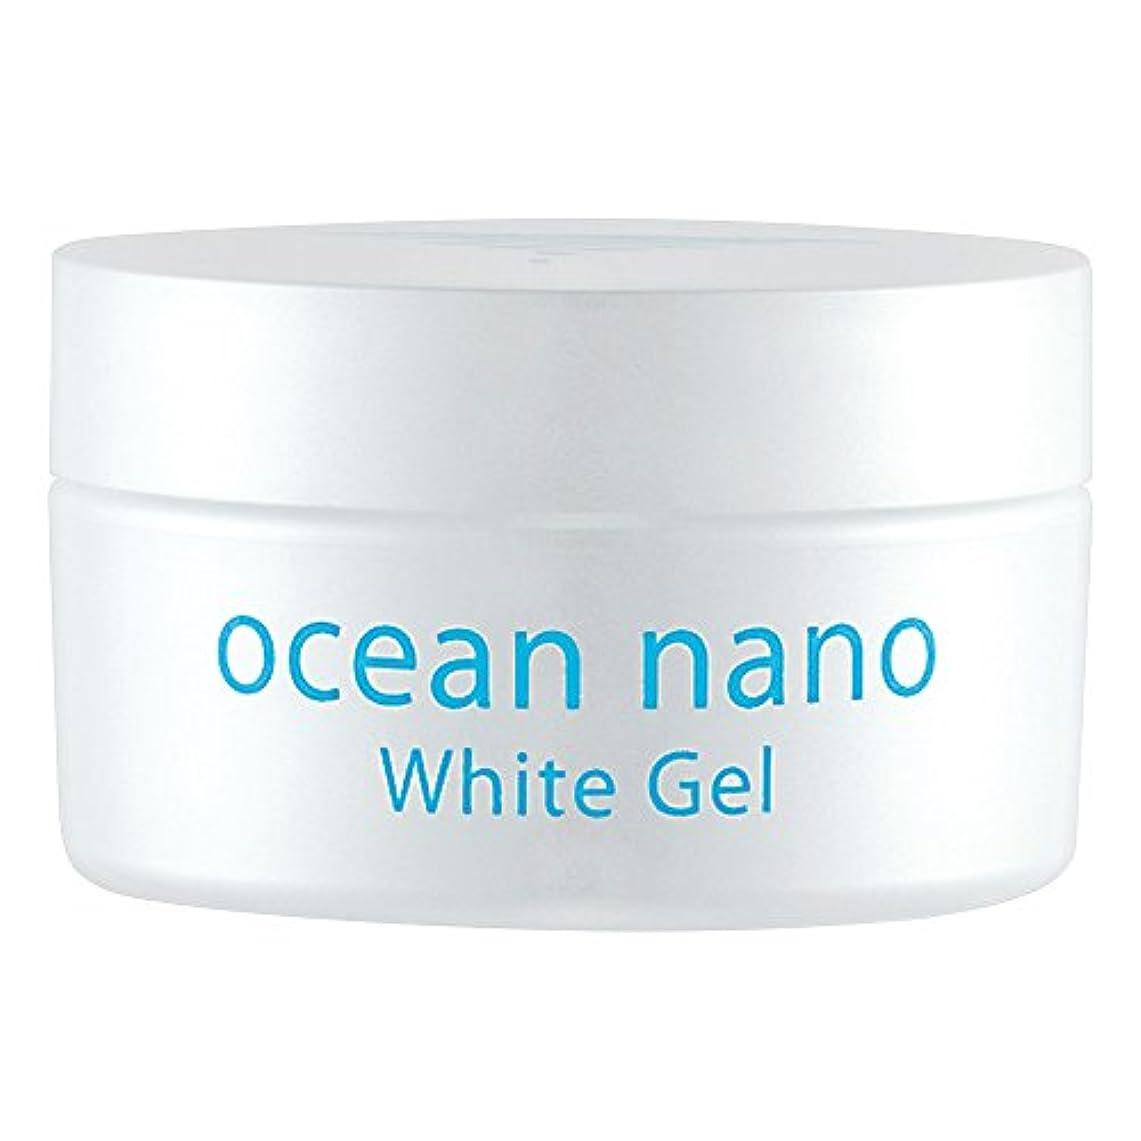 接触ピニオンテレマコスオーシャンナノ ホワイトゲルS 60g (ジャータイプ)